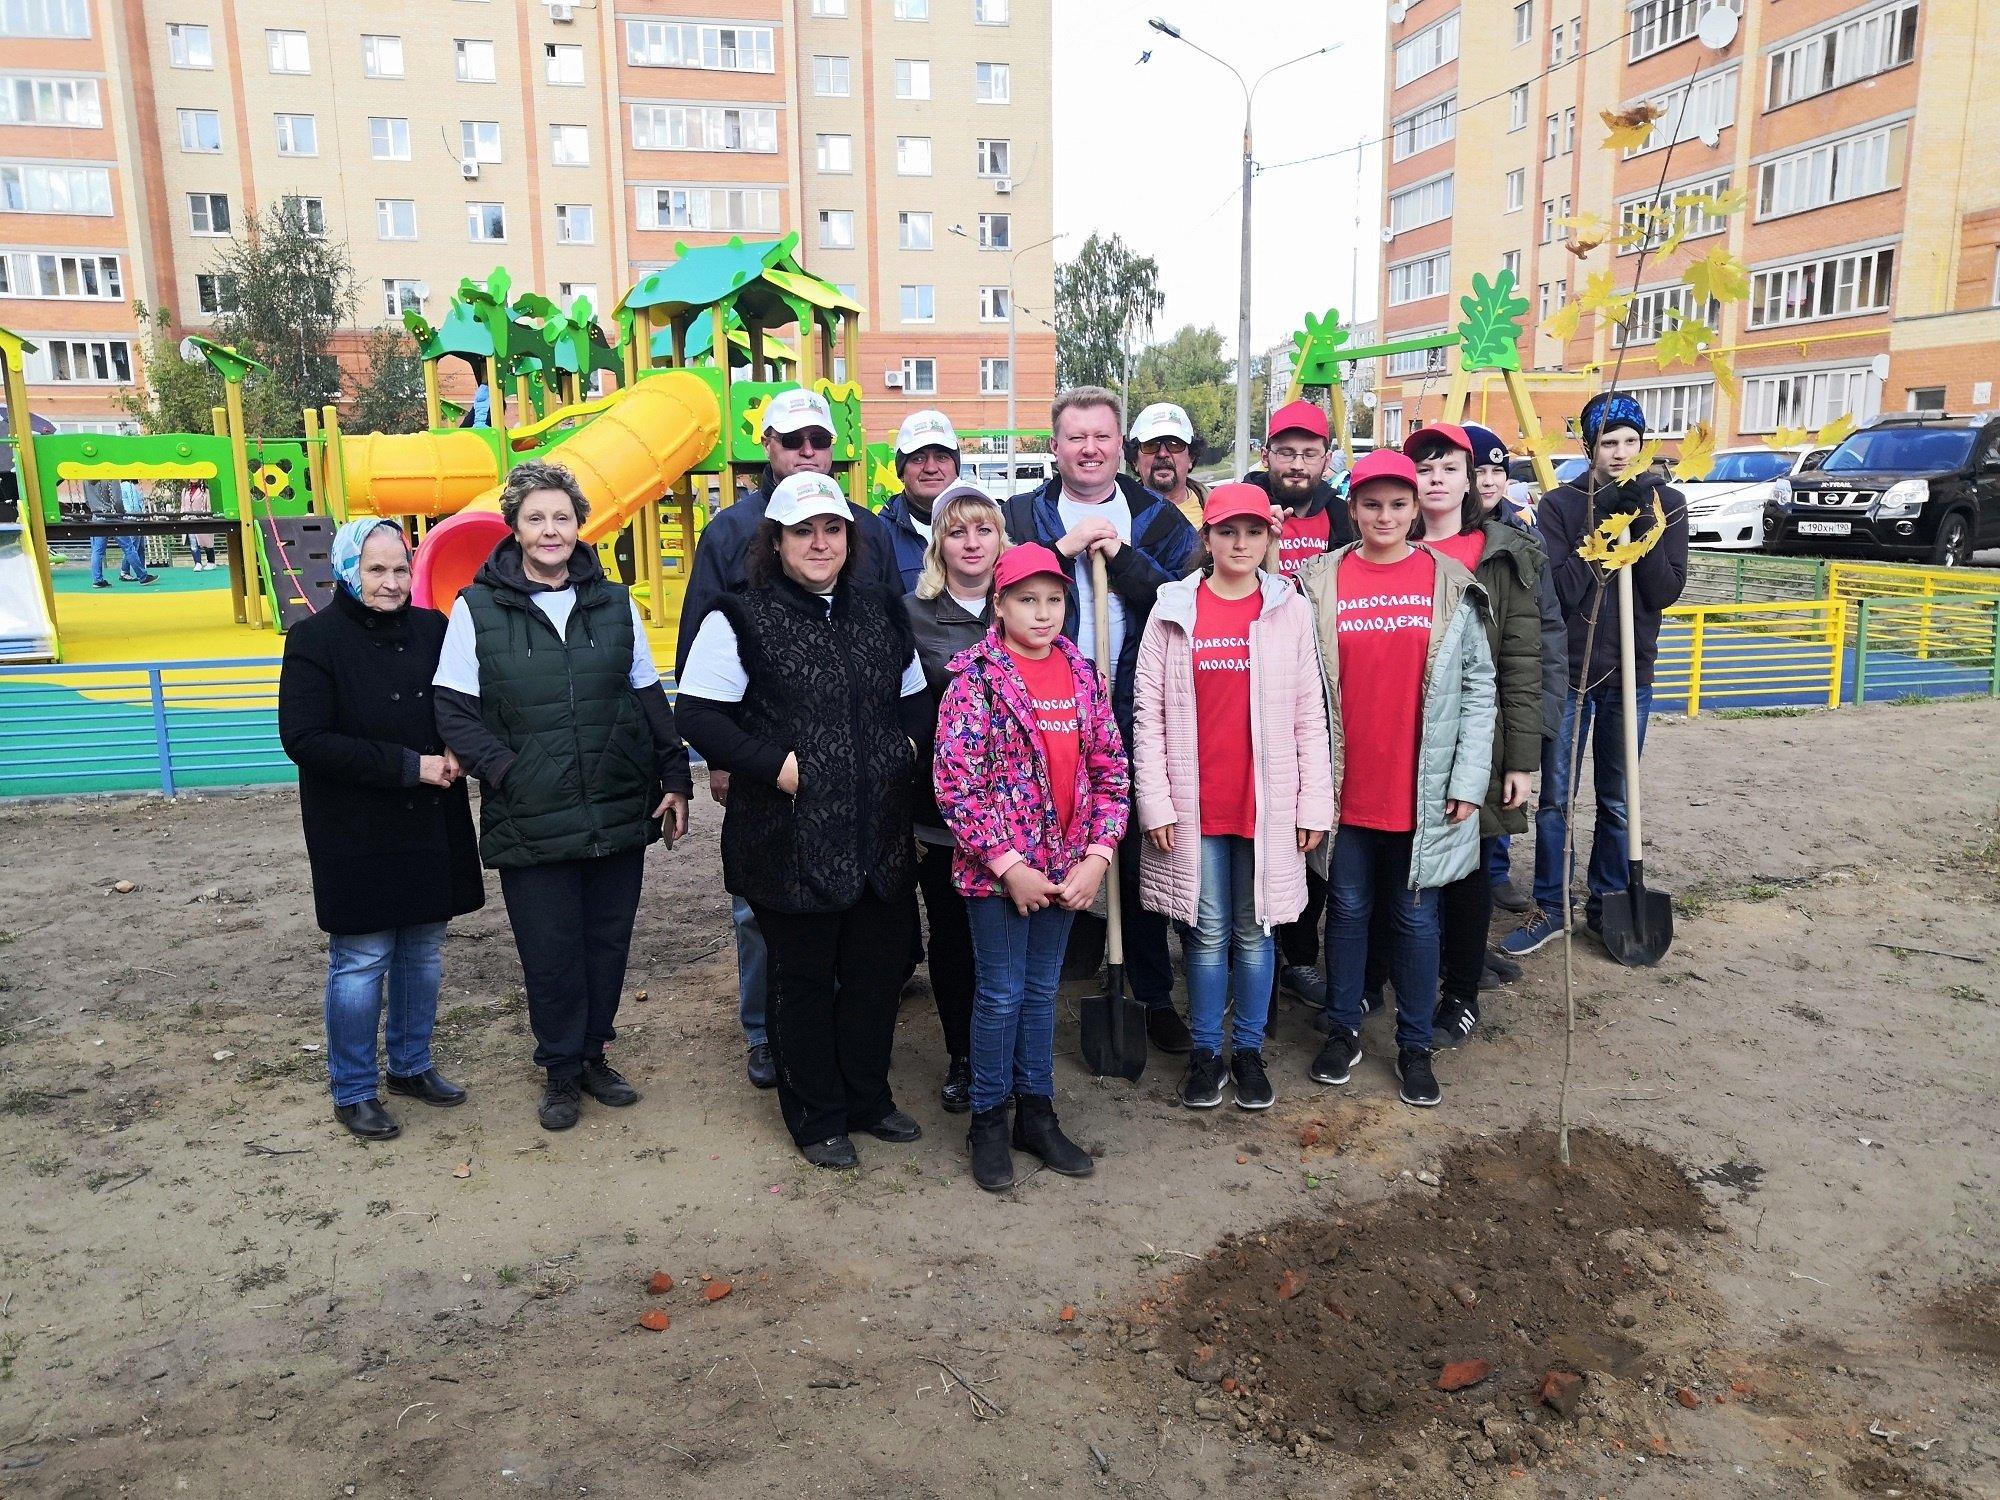 21 сентября в городском округе Егорьевск прошла акция Наш лес. Посади свое дерево, в которой принял участие ответственный за экологическую работу в Егорьевском благочинии протодиакон Дионисий Рязанов